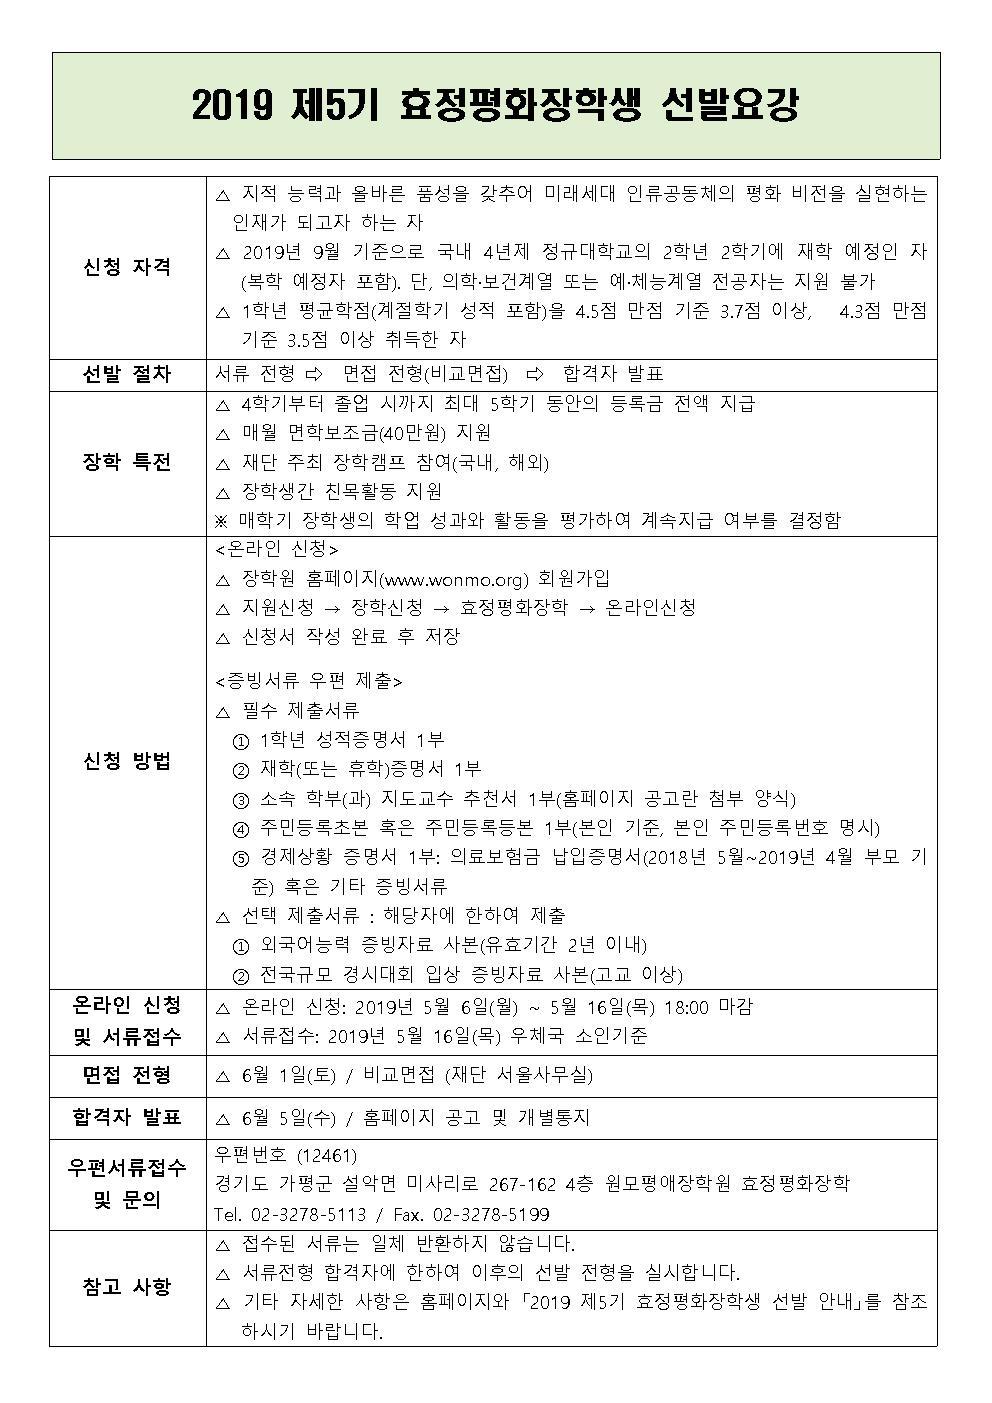 #붙임2. 효정평화장학생 선발요강001.jpg